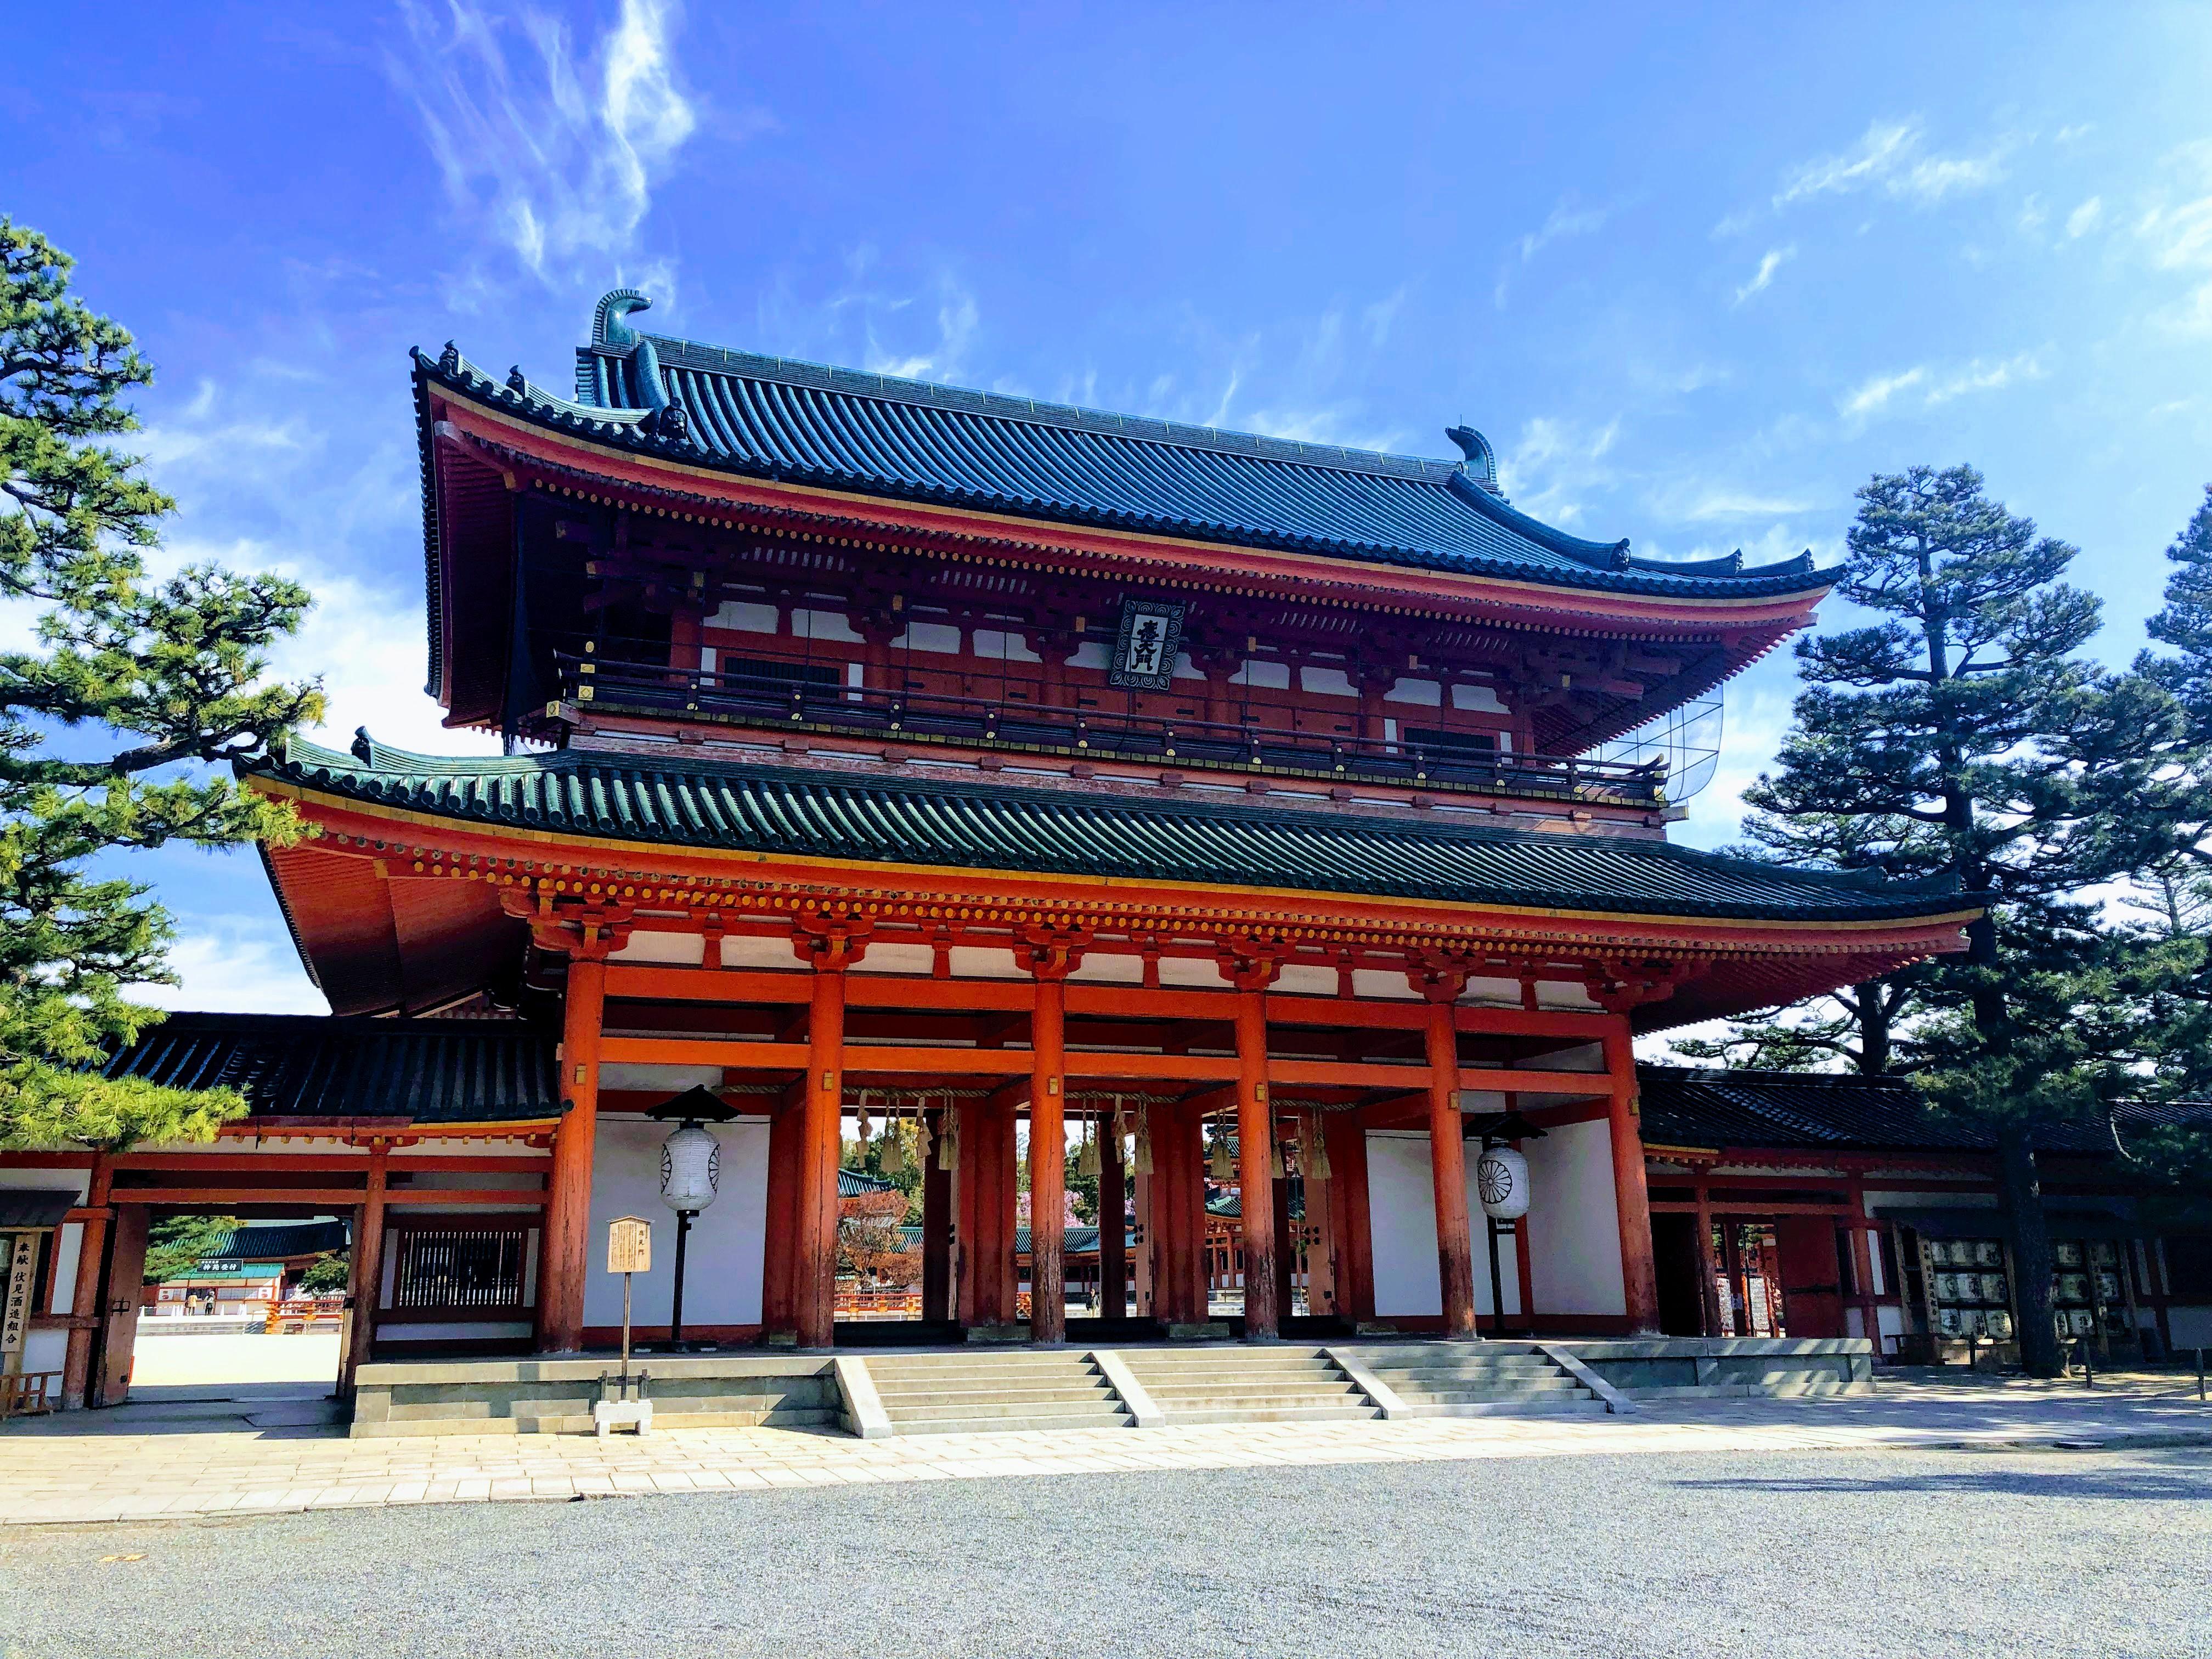 デスクトップ壁紙 神社 京都 4032x3024 Sweetcandy94 1617757